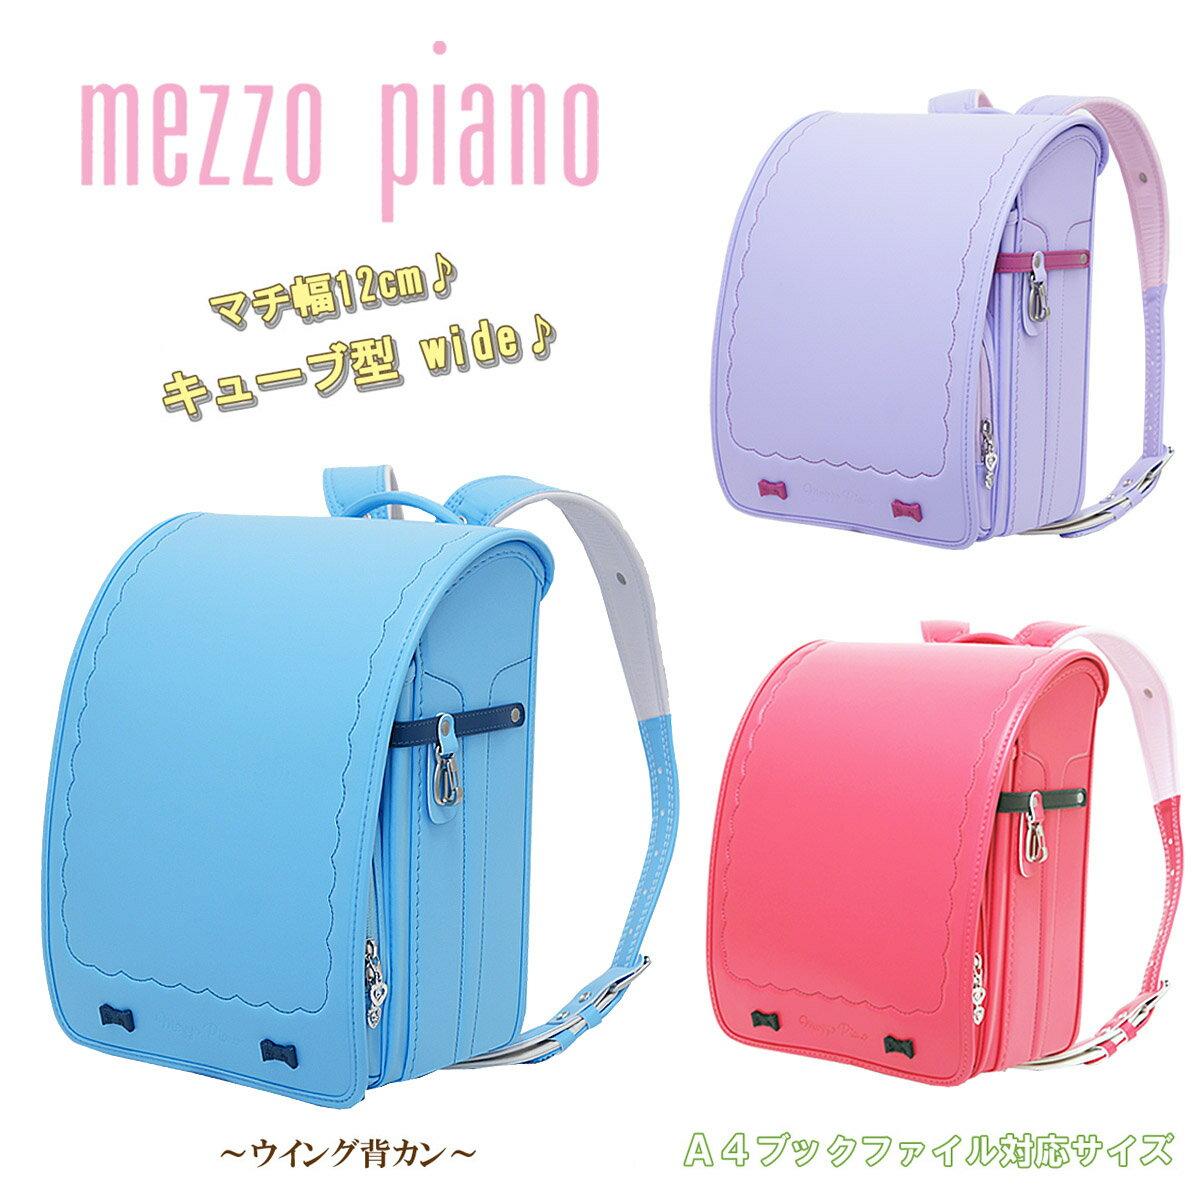 バッグ・ランドセル, ランドセル 2022 mezzo piano (wide) 12cm 0103-2407 MADE IN JAPAN()